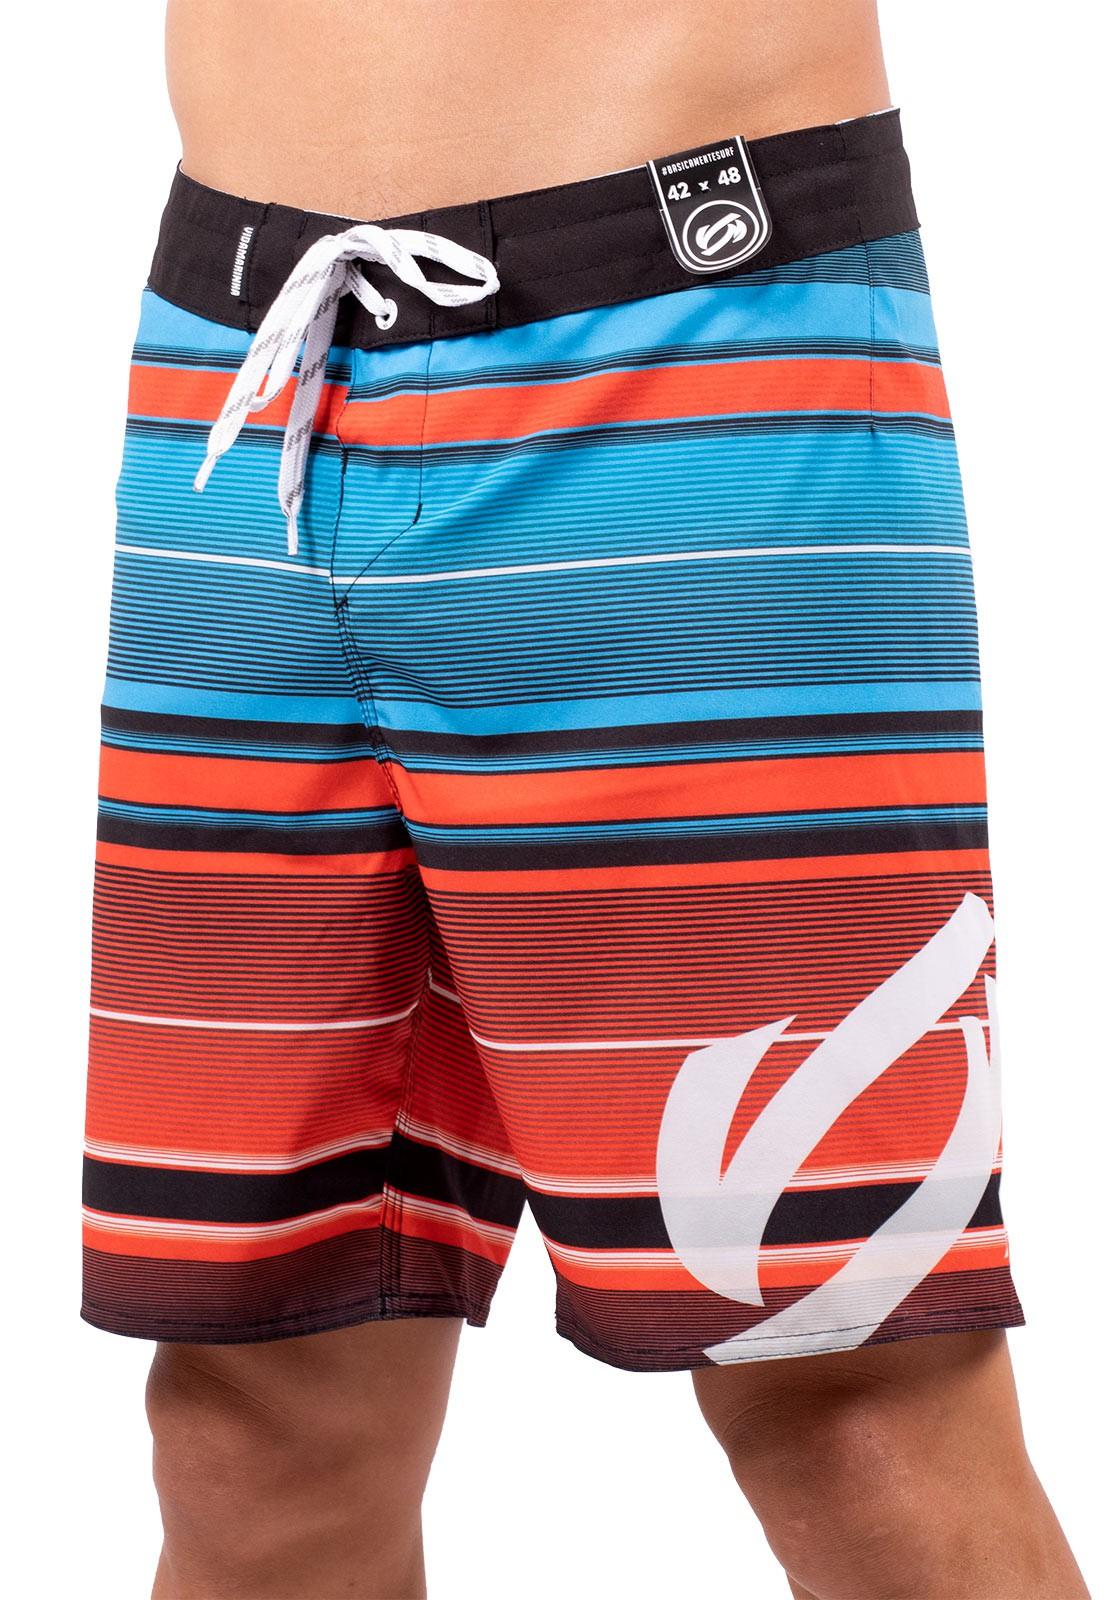 Bermuda Vida Marinha Surf Preto/Azul/Vermelho